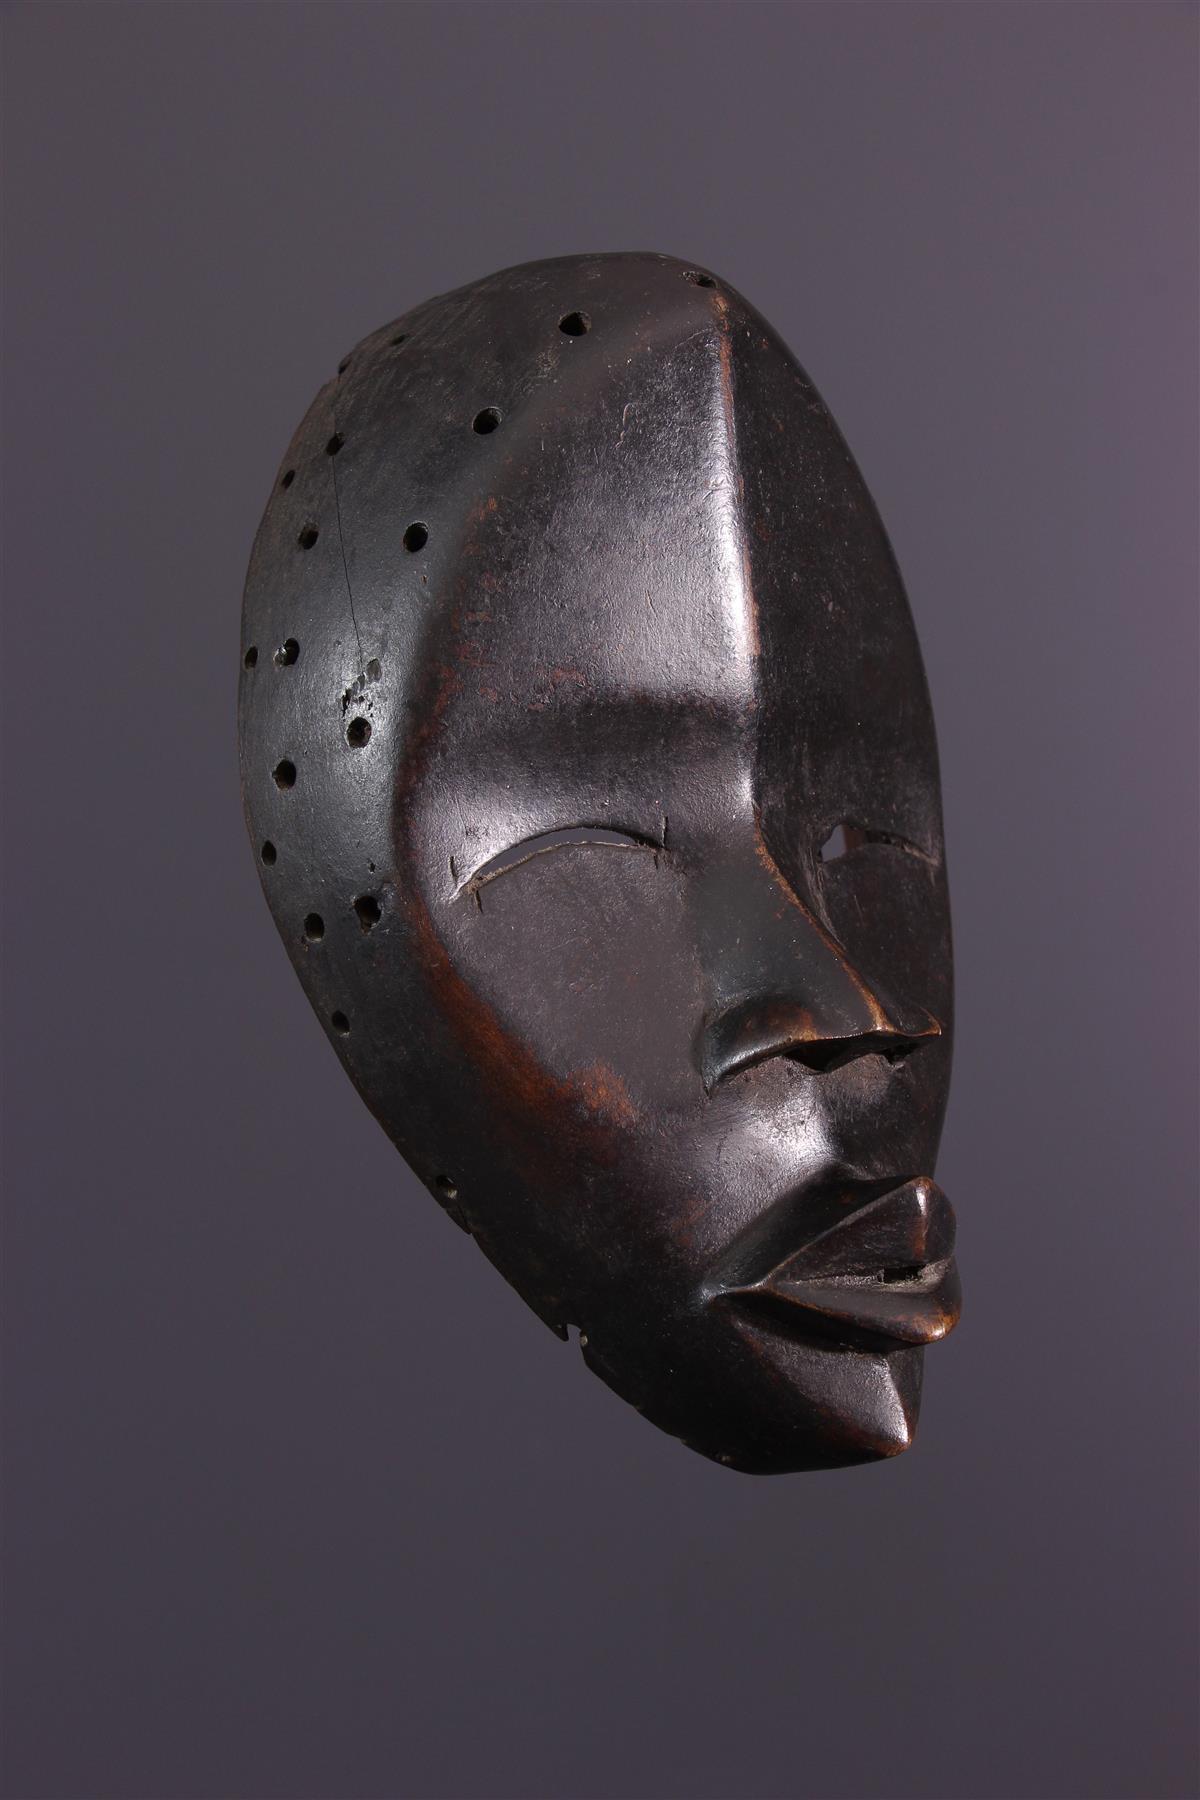 Masque Dan - African art